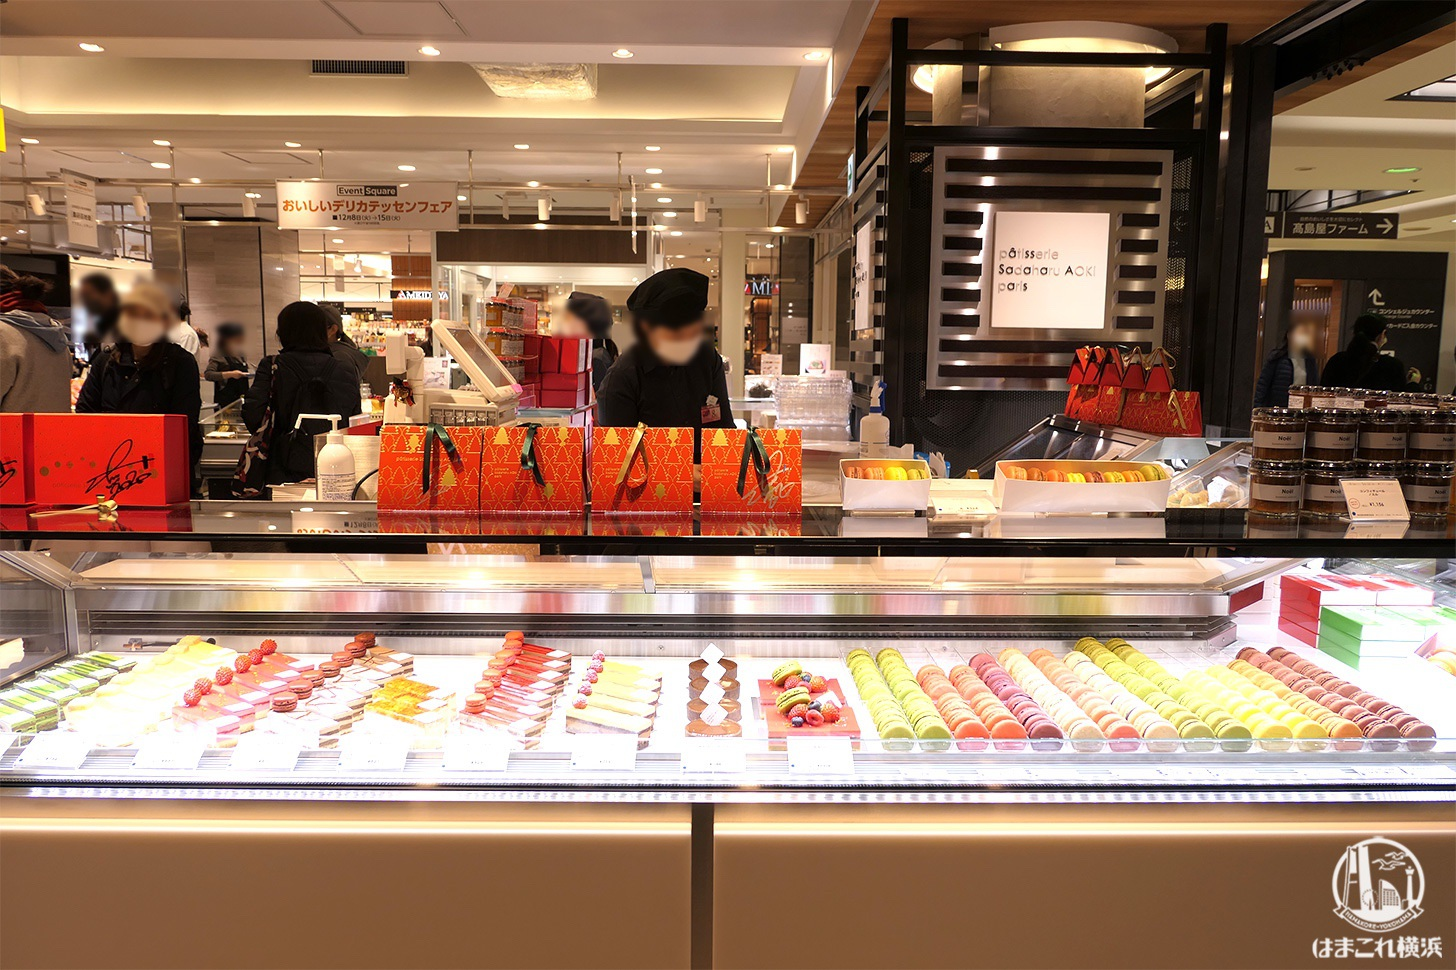 サダハルアオキ 横浜高島屋店